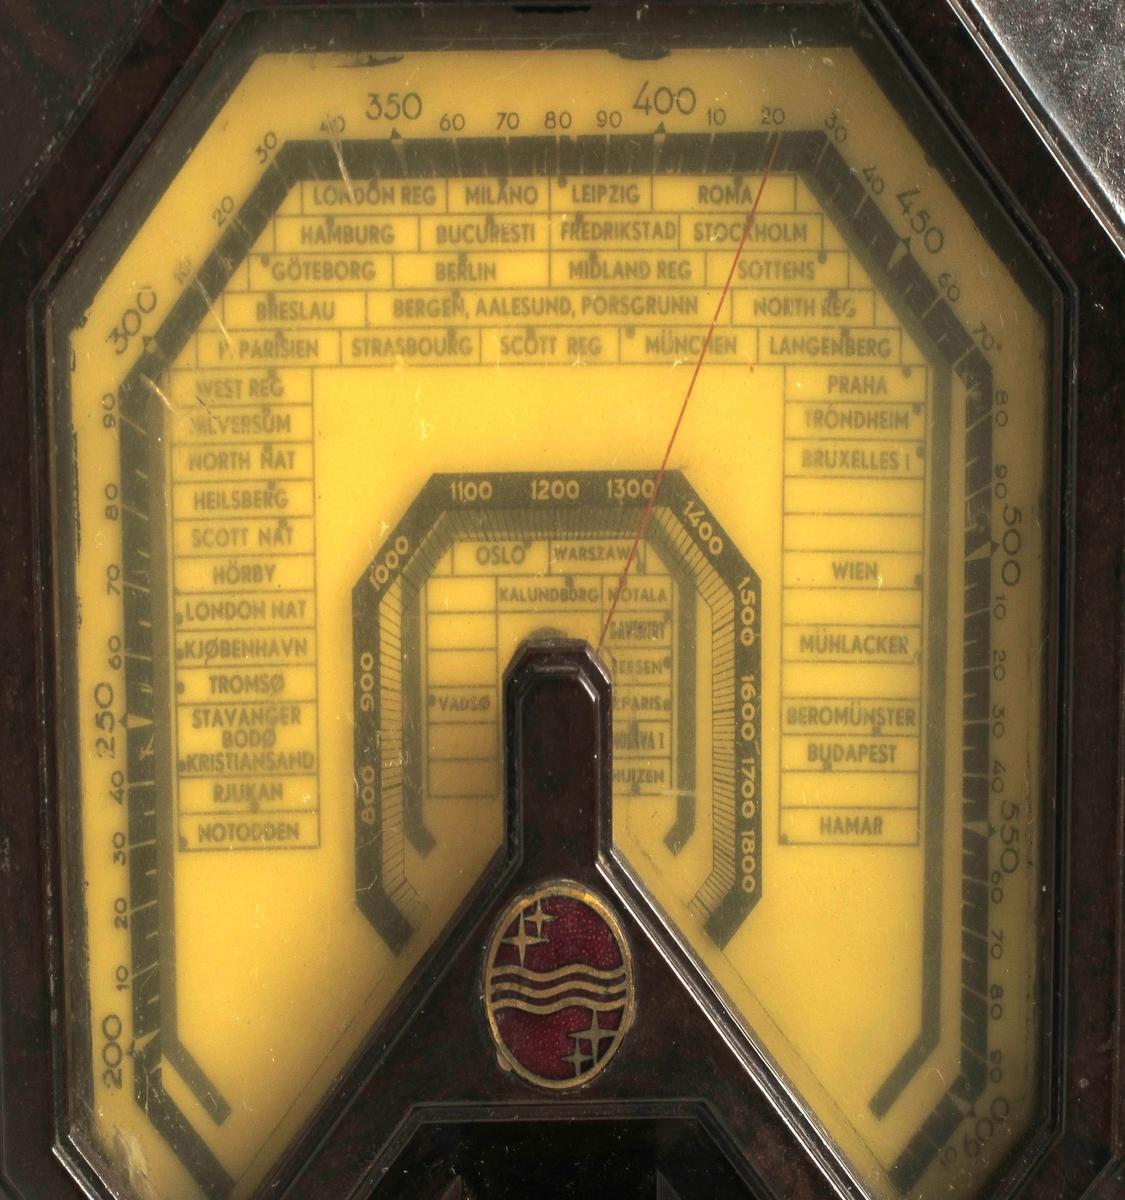 Frontpanel i høydeformat med høytaler øverst og søkeskala nedenfor, tre stk. knotter nederst.